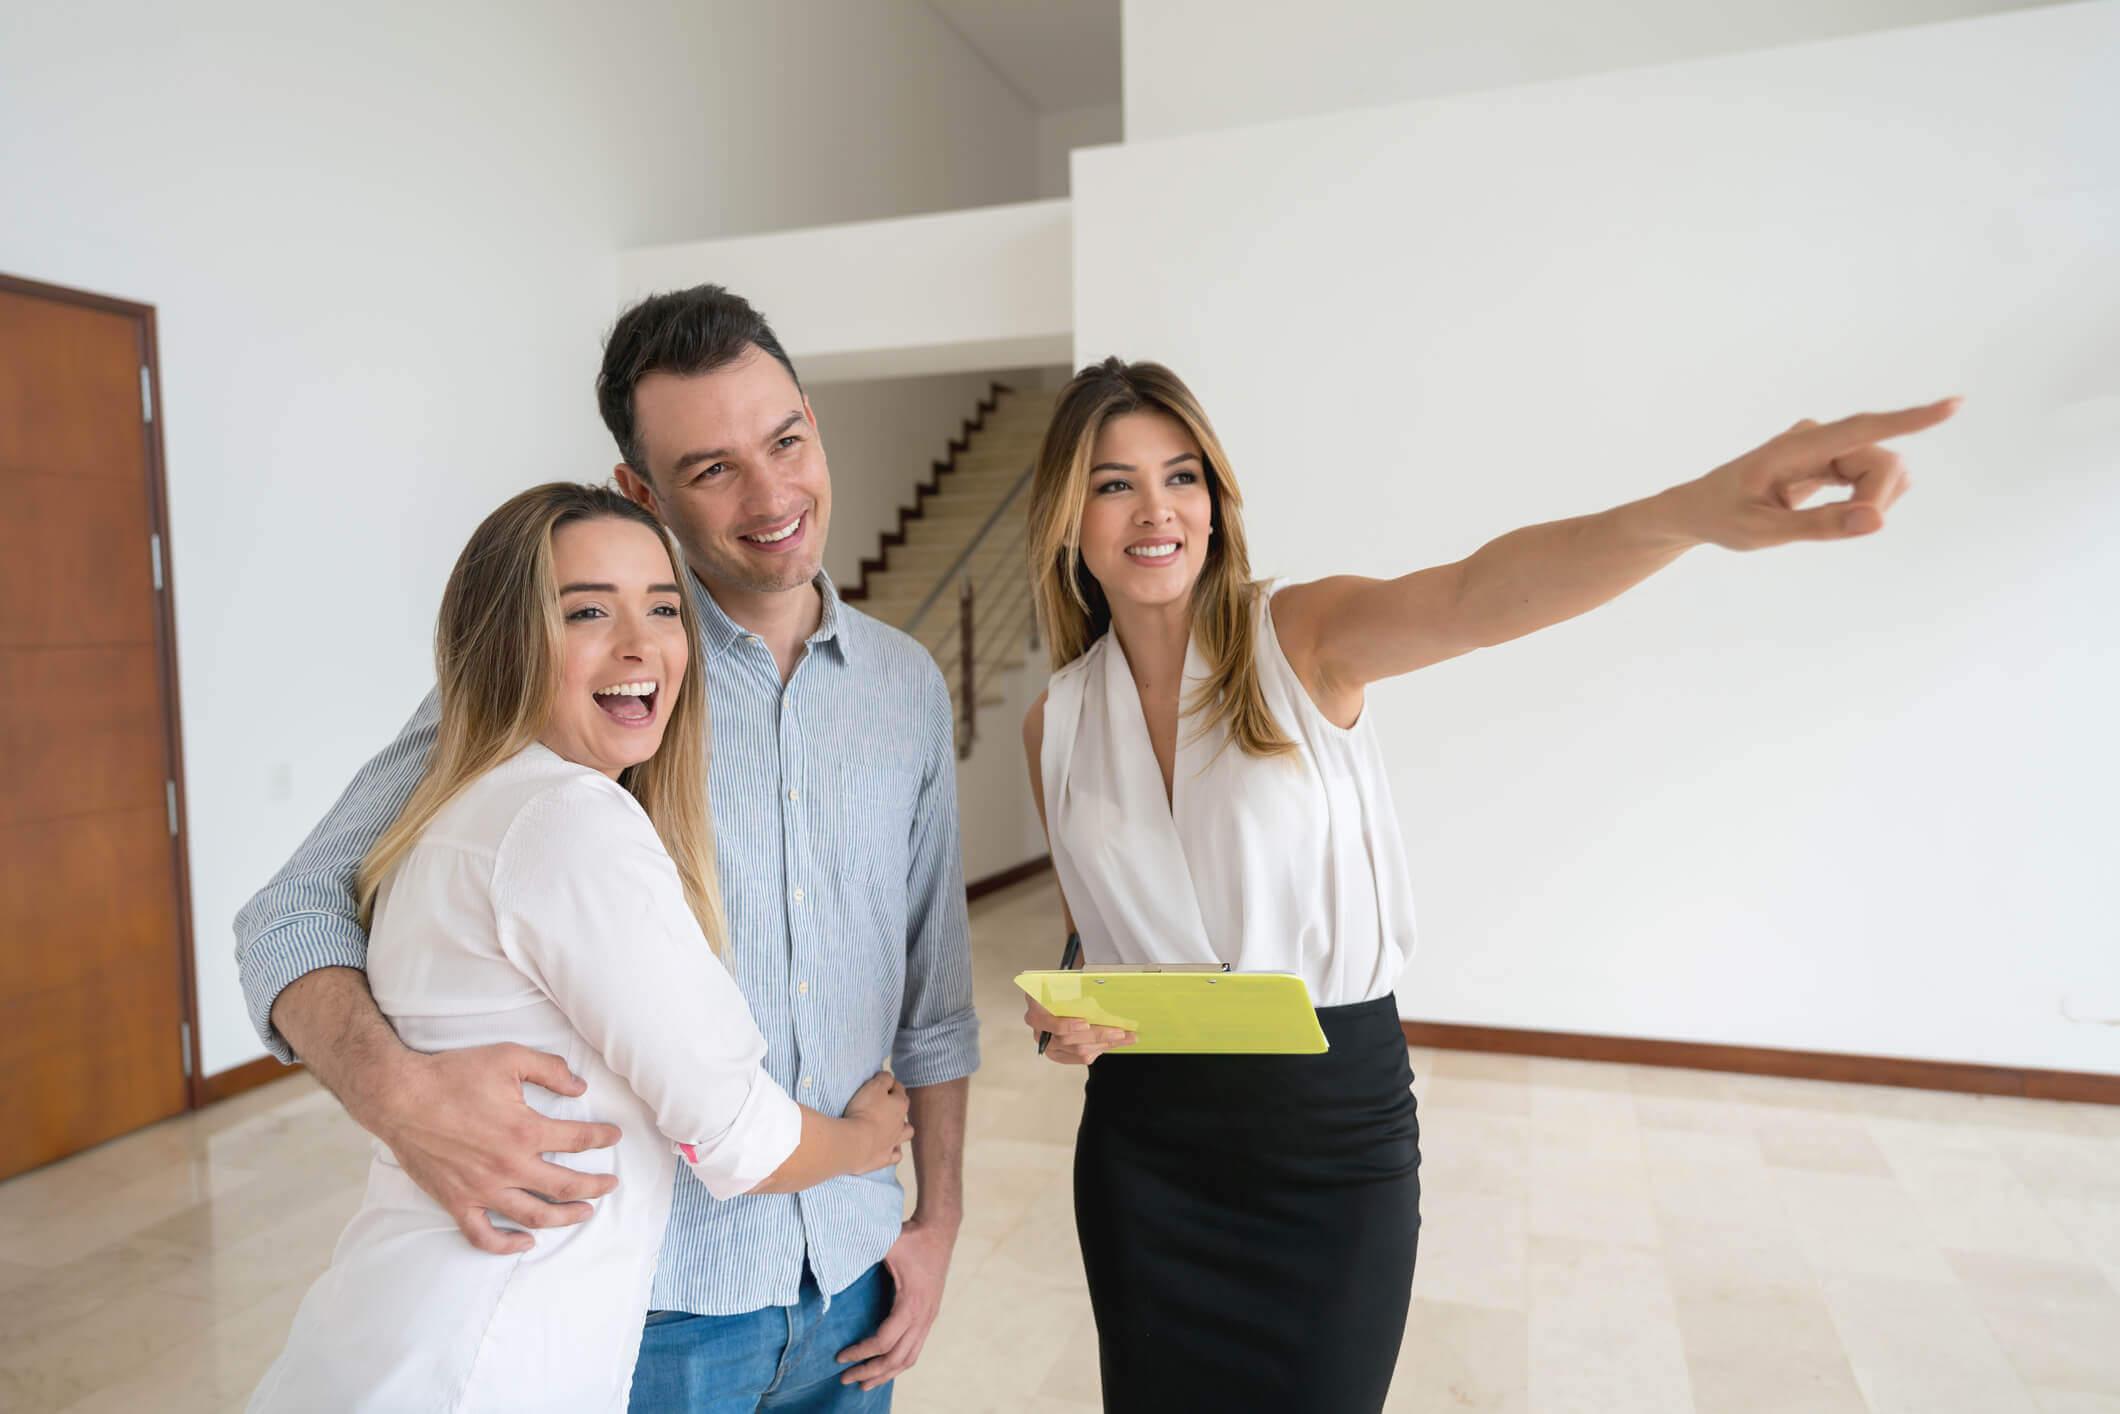 Comprar apartamento Tenda: 4 coisas que você pode pedir na hora da compra